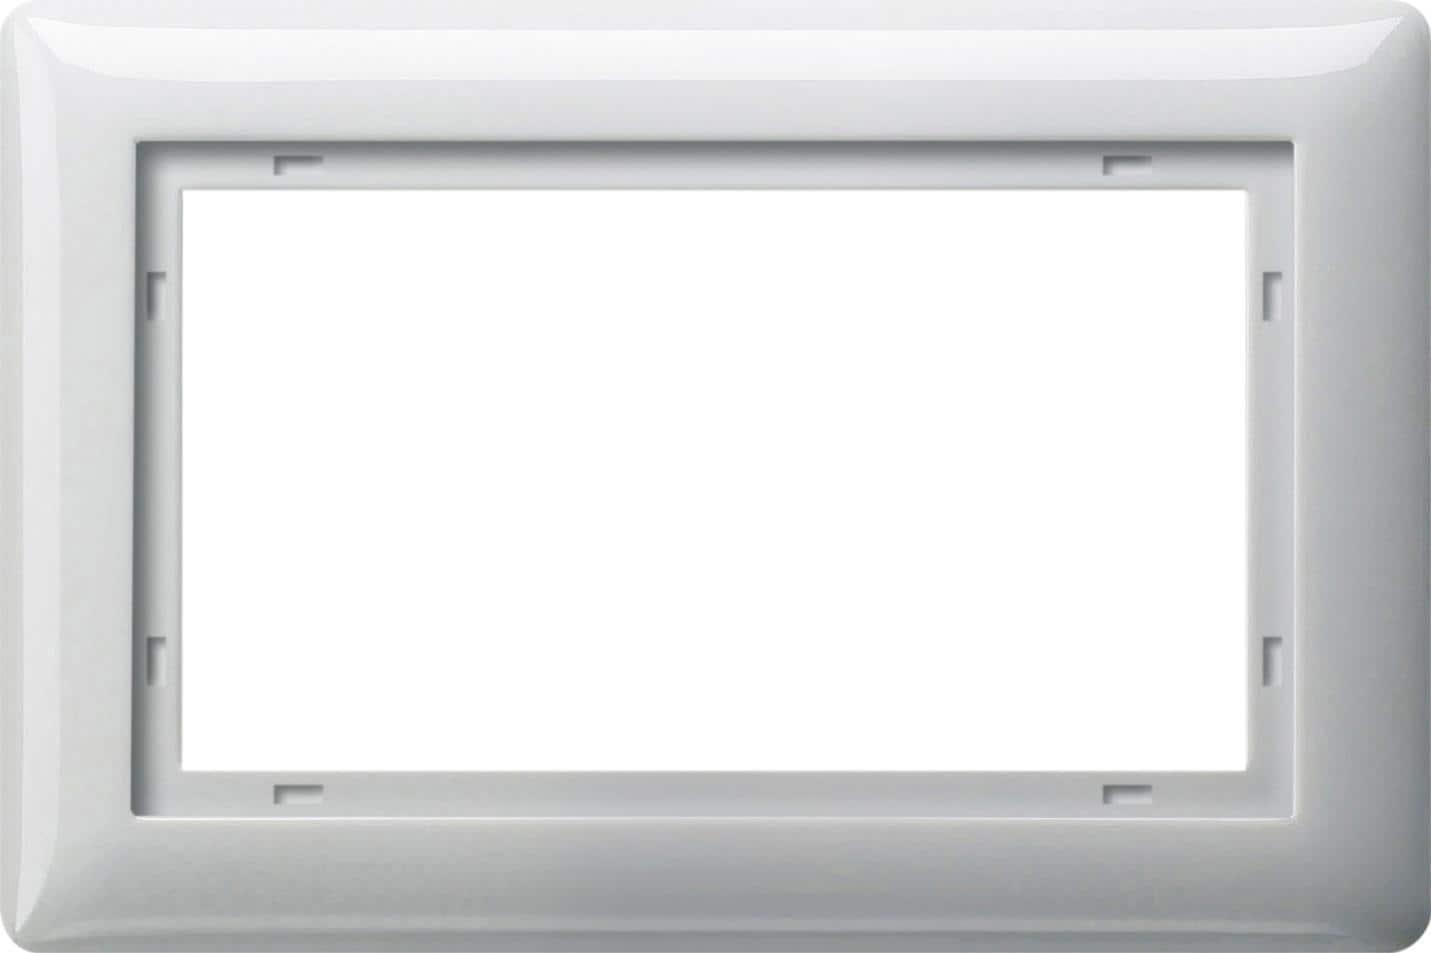 Dremel Multifunktionswerkzeug Zubehör 953 3 X 6.4mm Schleifen Stein Multipackung